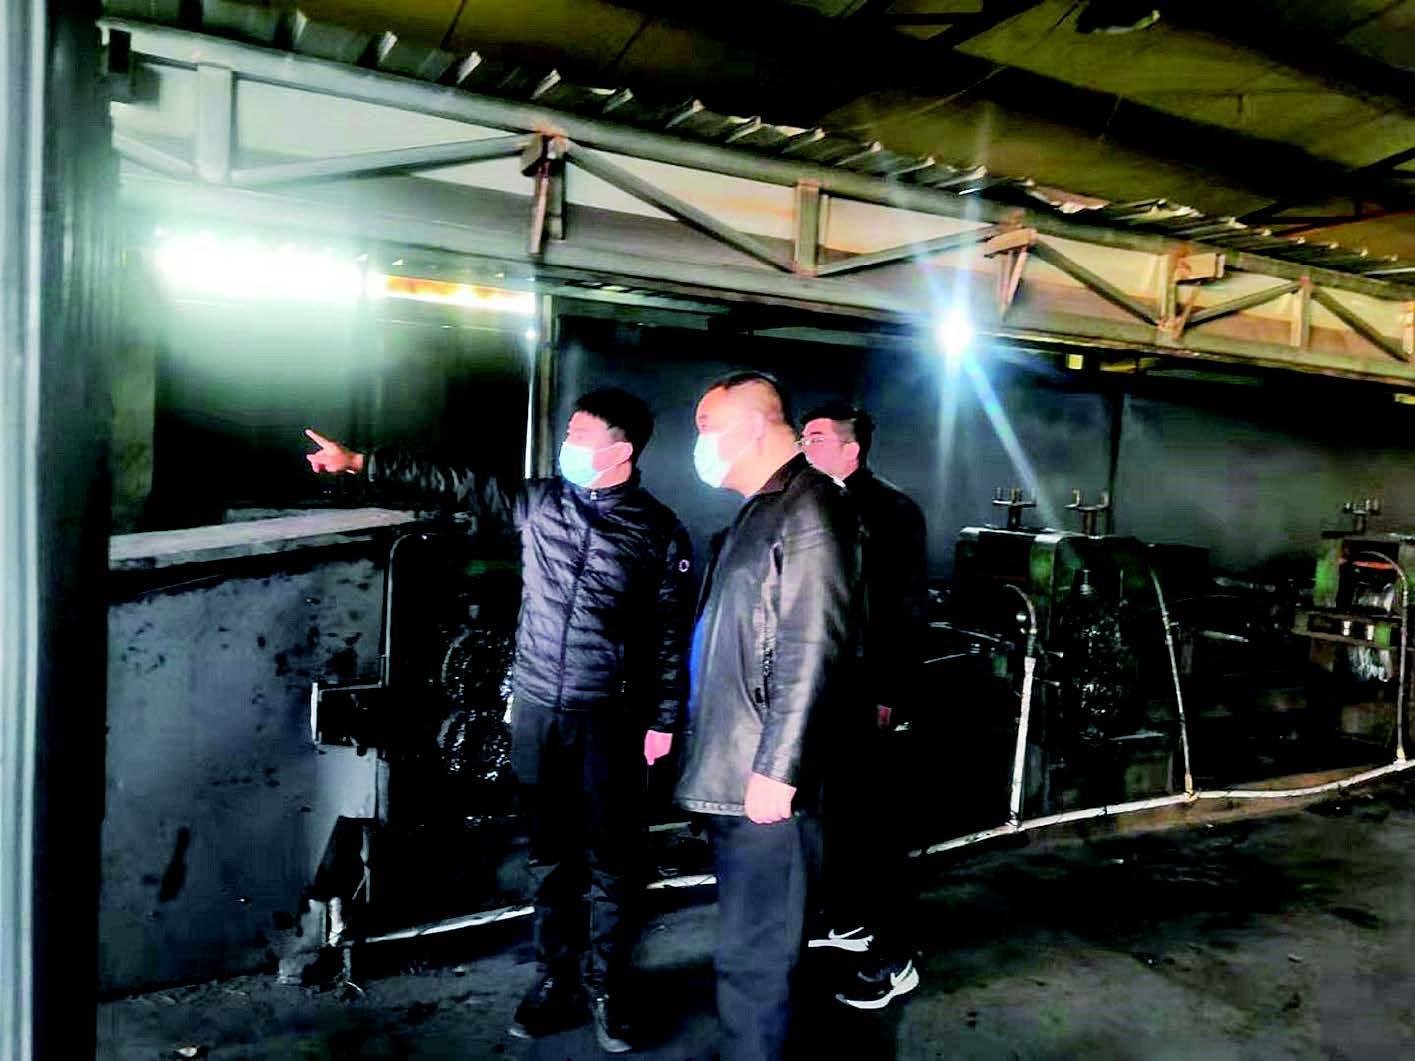 石家庄市生态环境局深泽县分局执法人员对复工企业进行检查帮扶